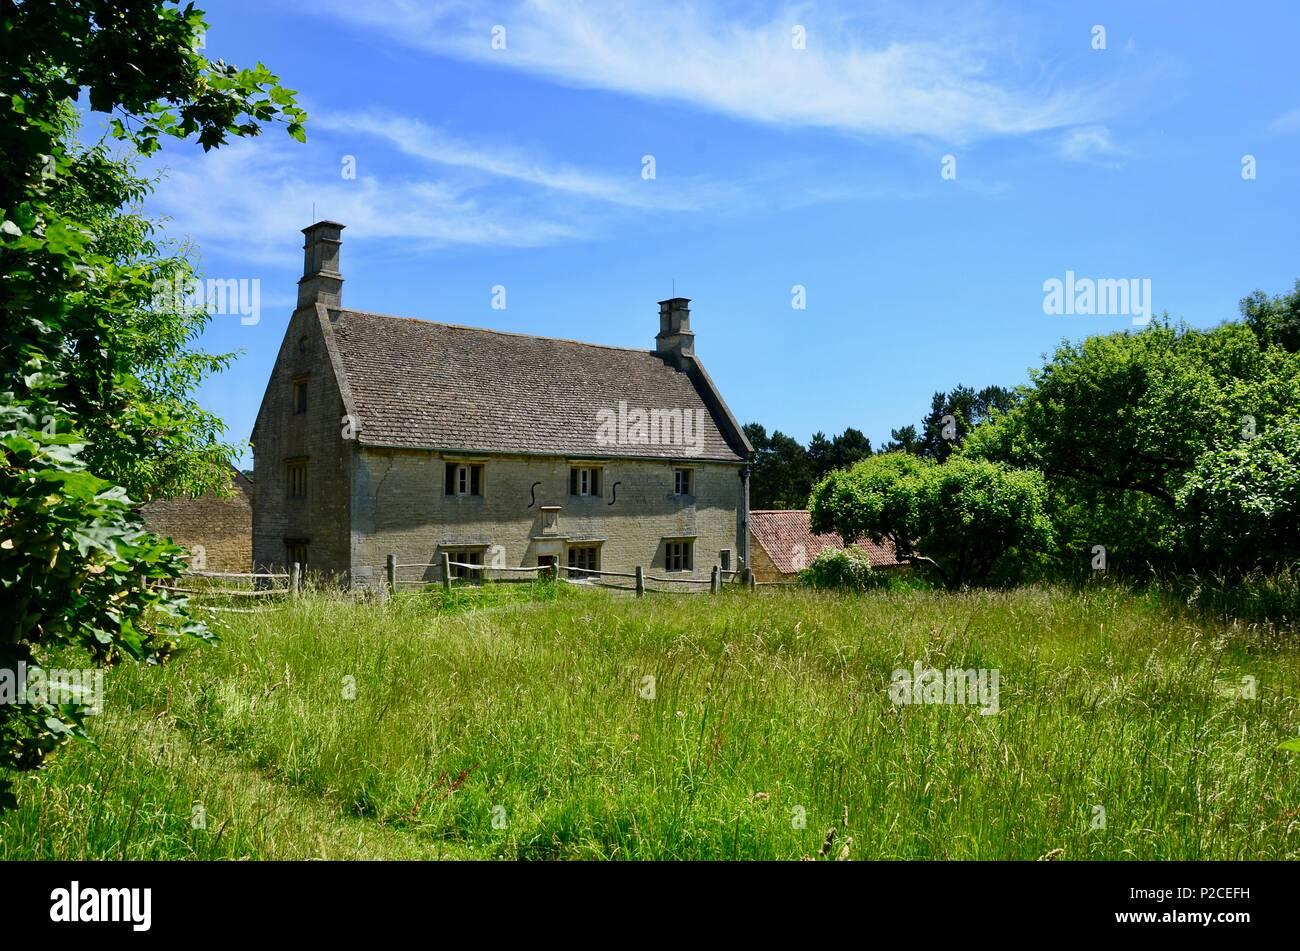 Die Außenseite des Woolsthorpe Manor, Lincolnshire, Geburtsort und Heimat der Wissenschaftler und Mathematiker Sir Isaac Newton. Stockfoto